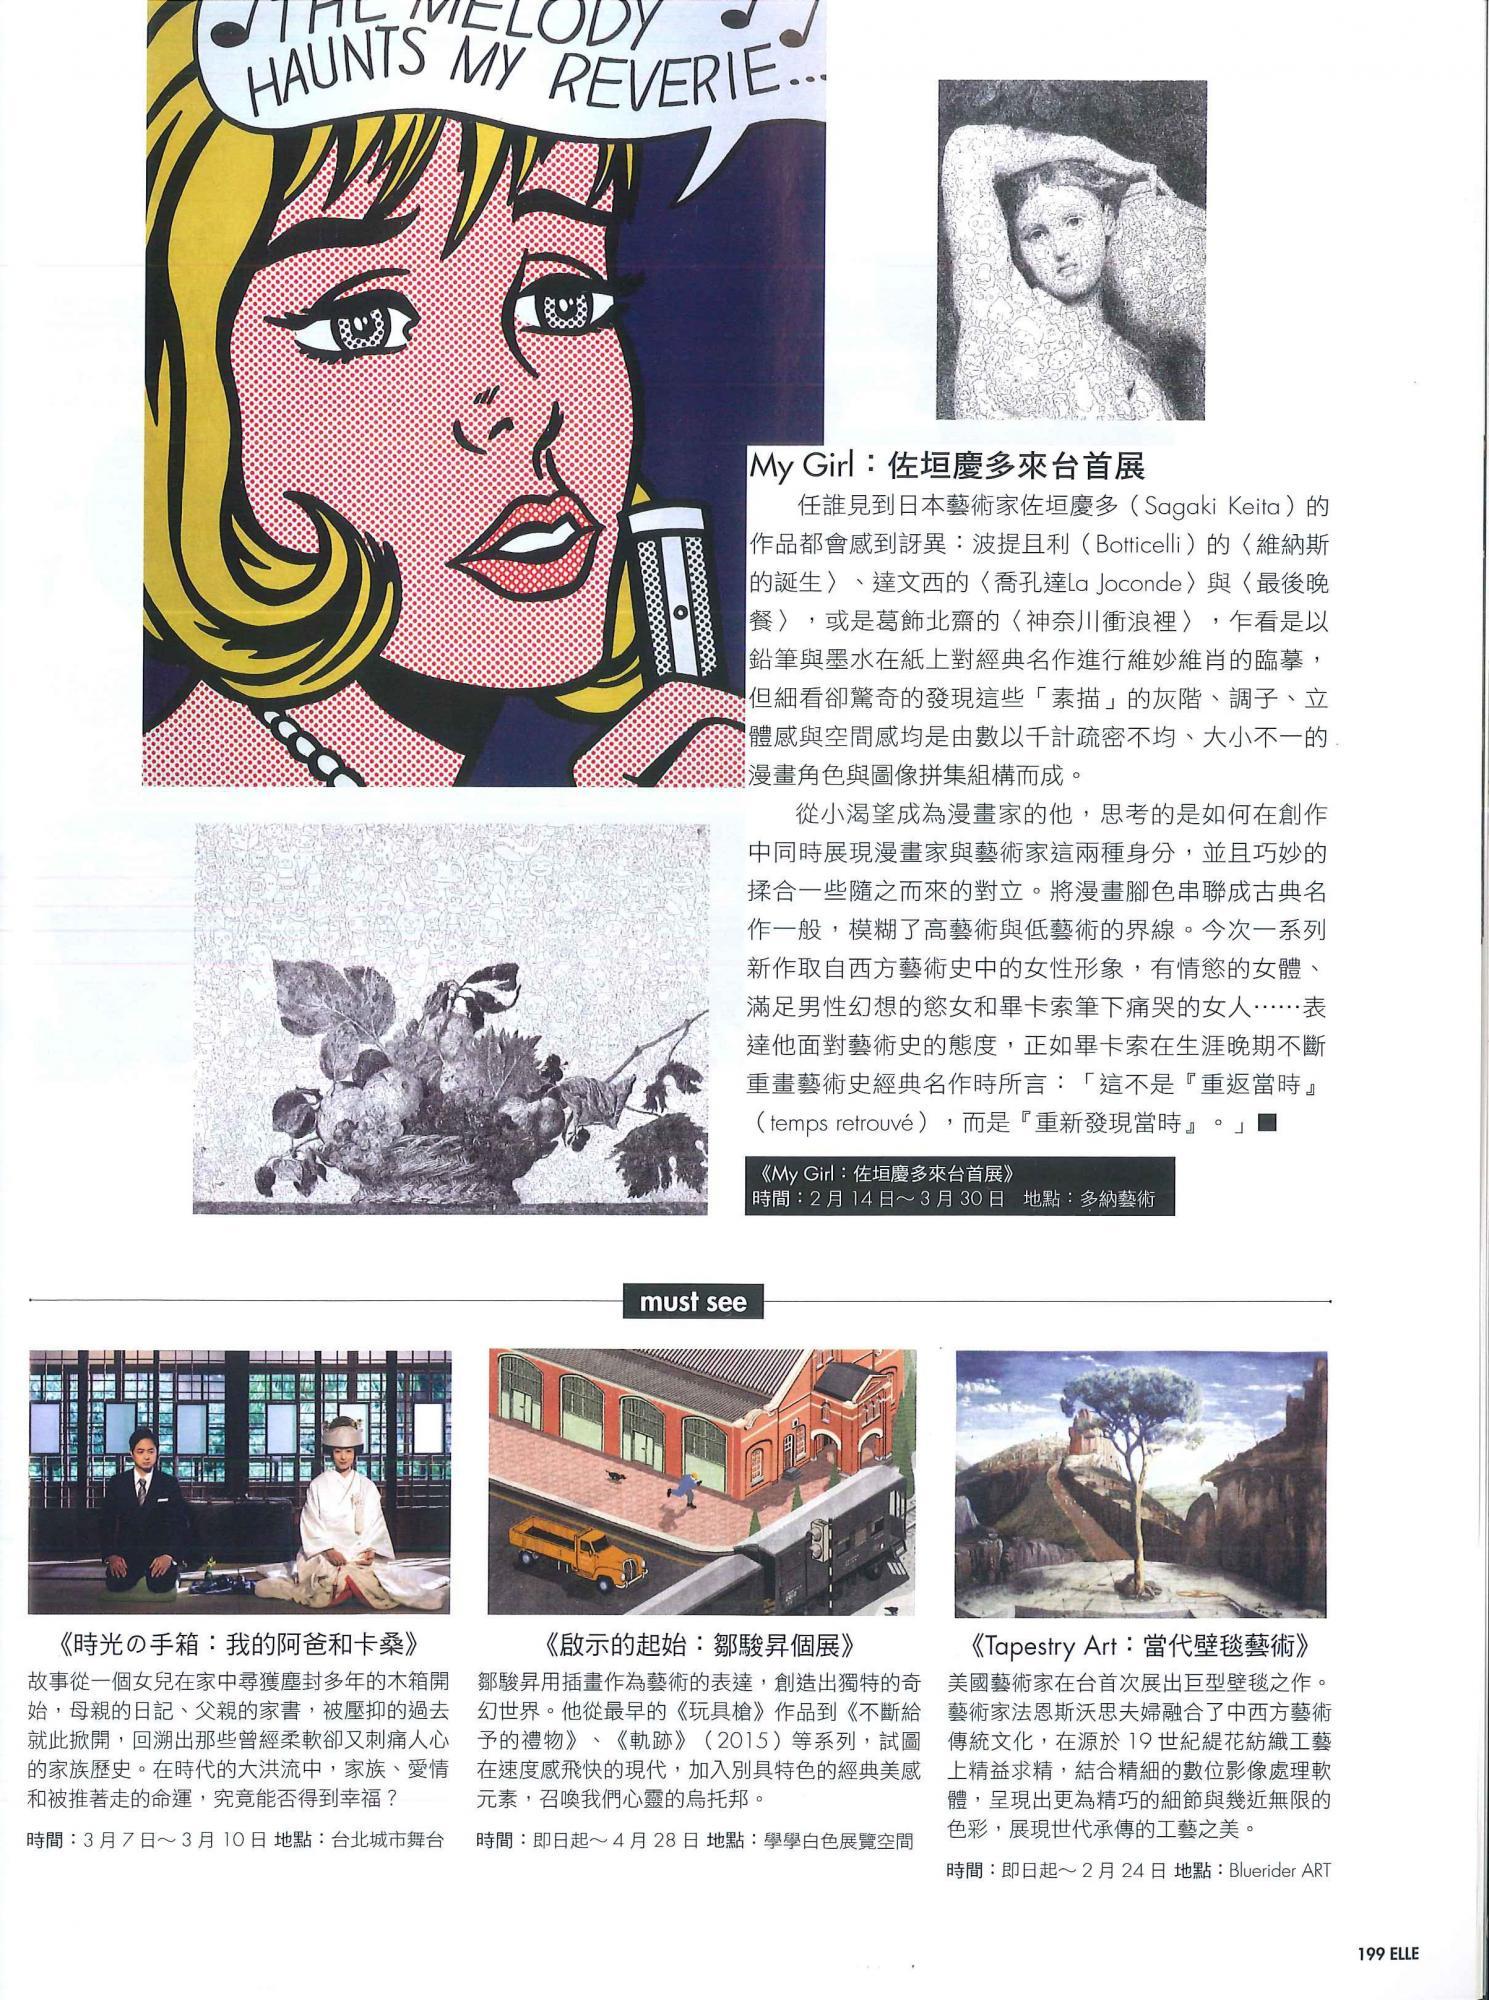 她雜誌 2月號 ELLE_2019 FEB_P_199